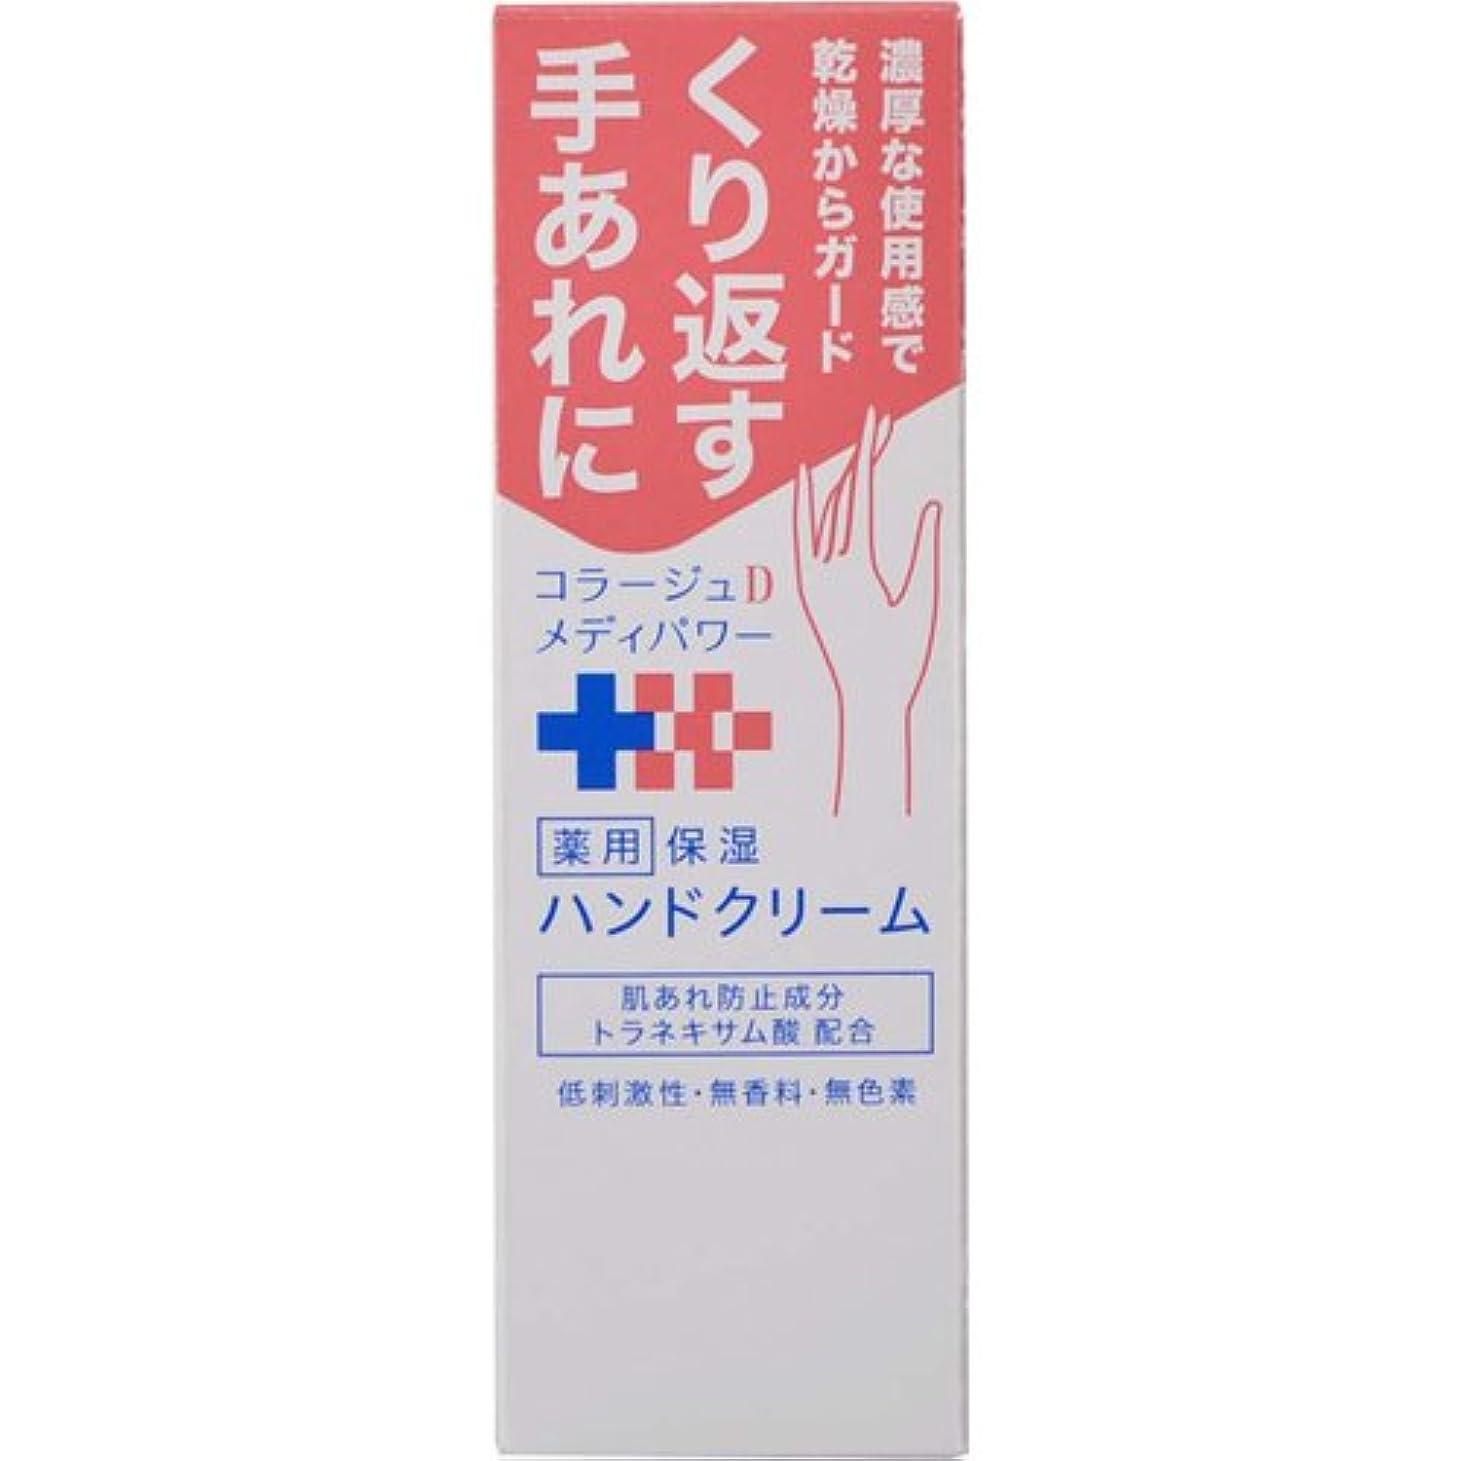 本気平行承認コラージュ D メディパワー 保湿ハンドクリーム 30g 【医薬部外品】